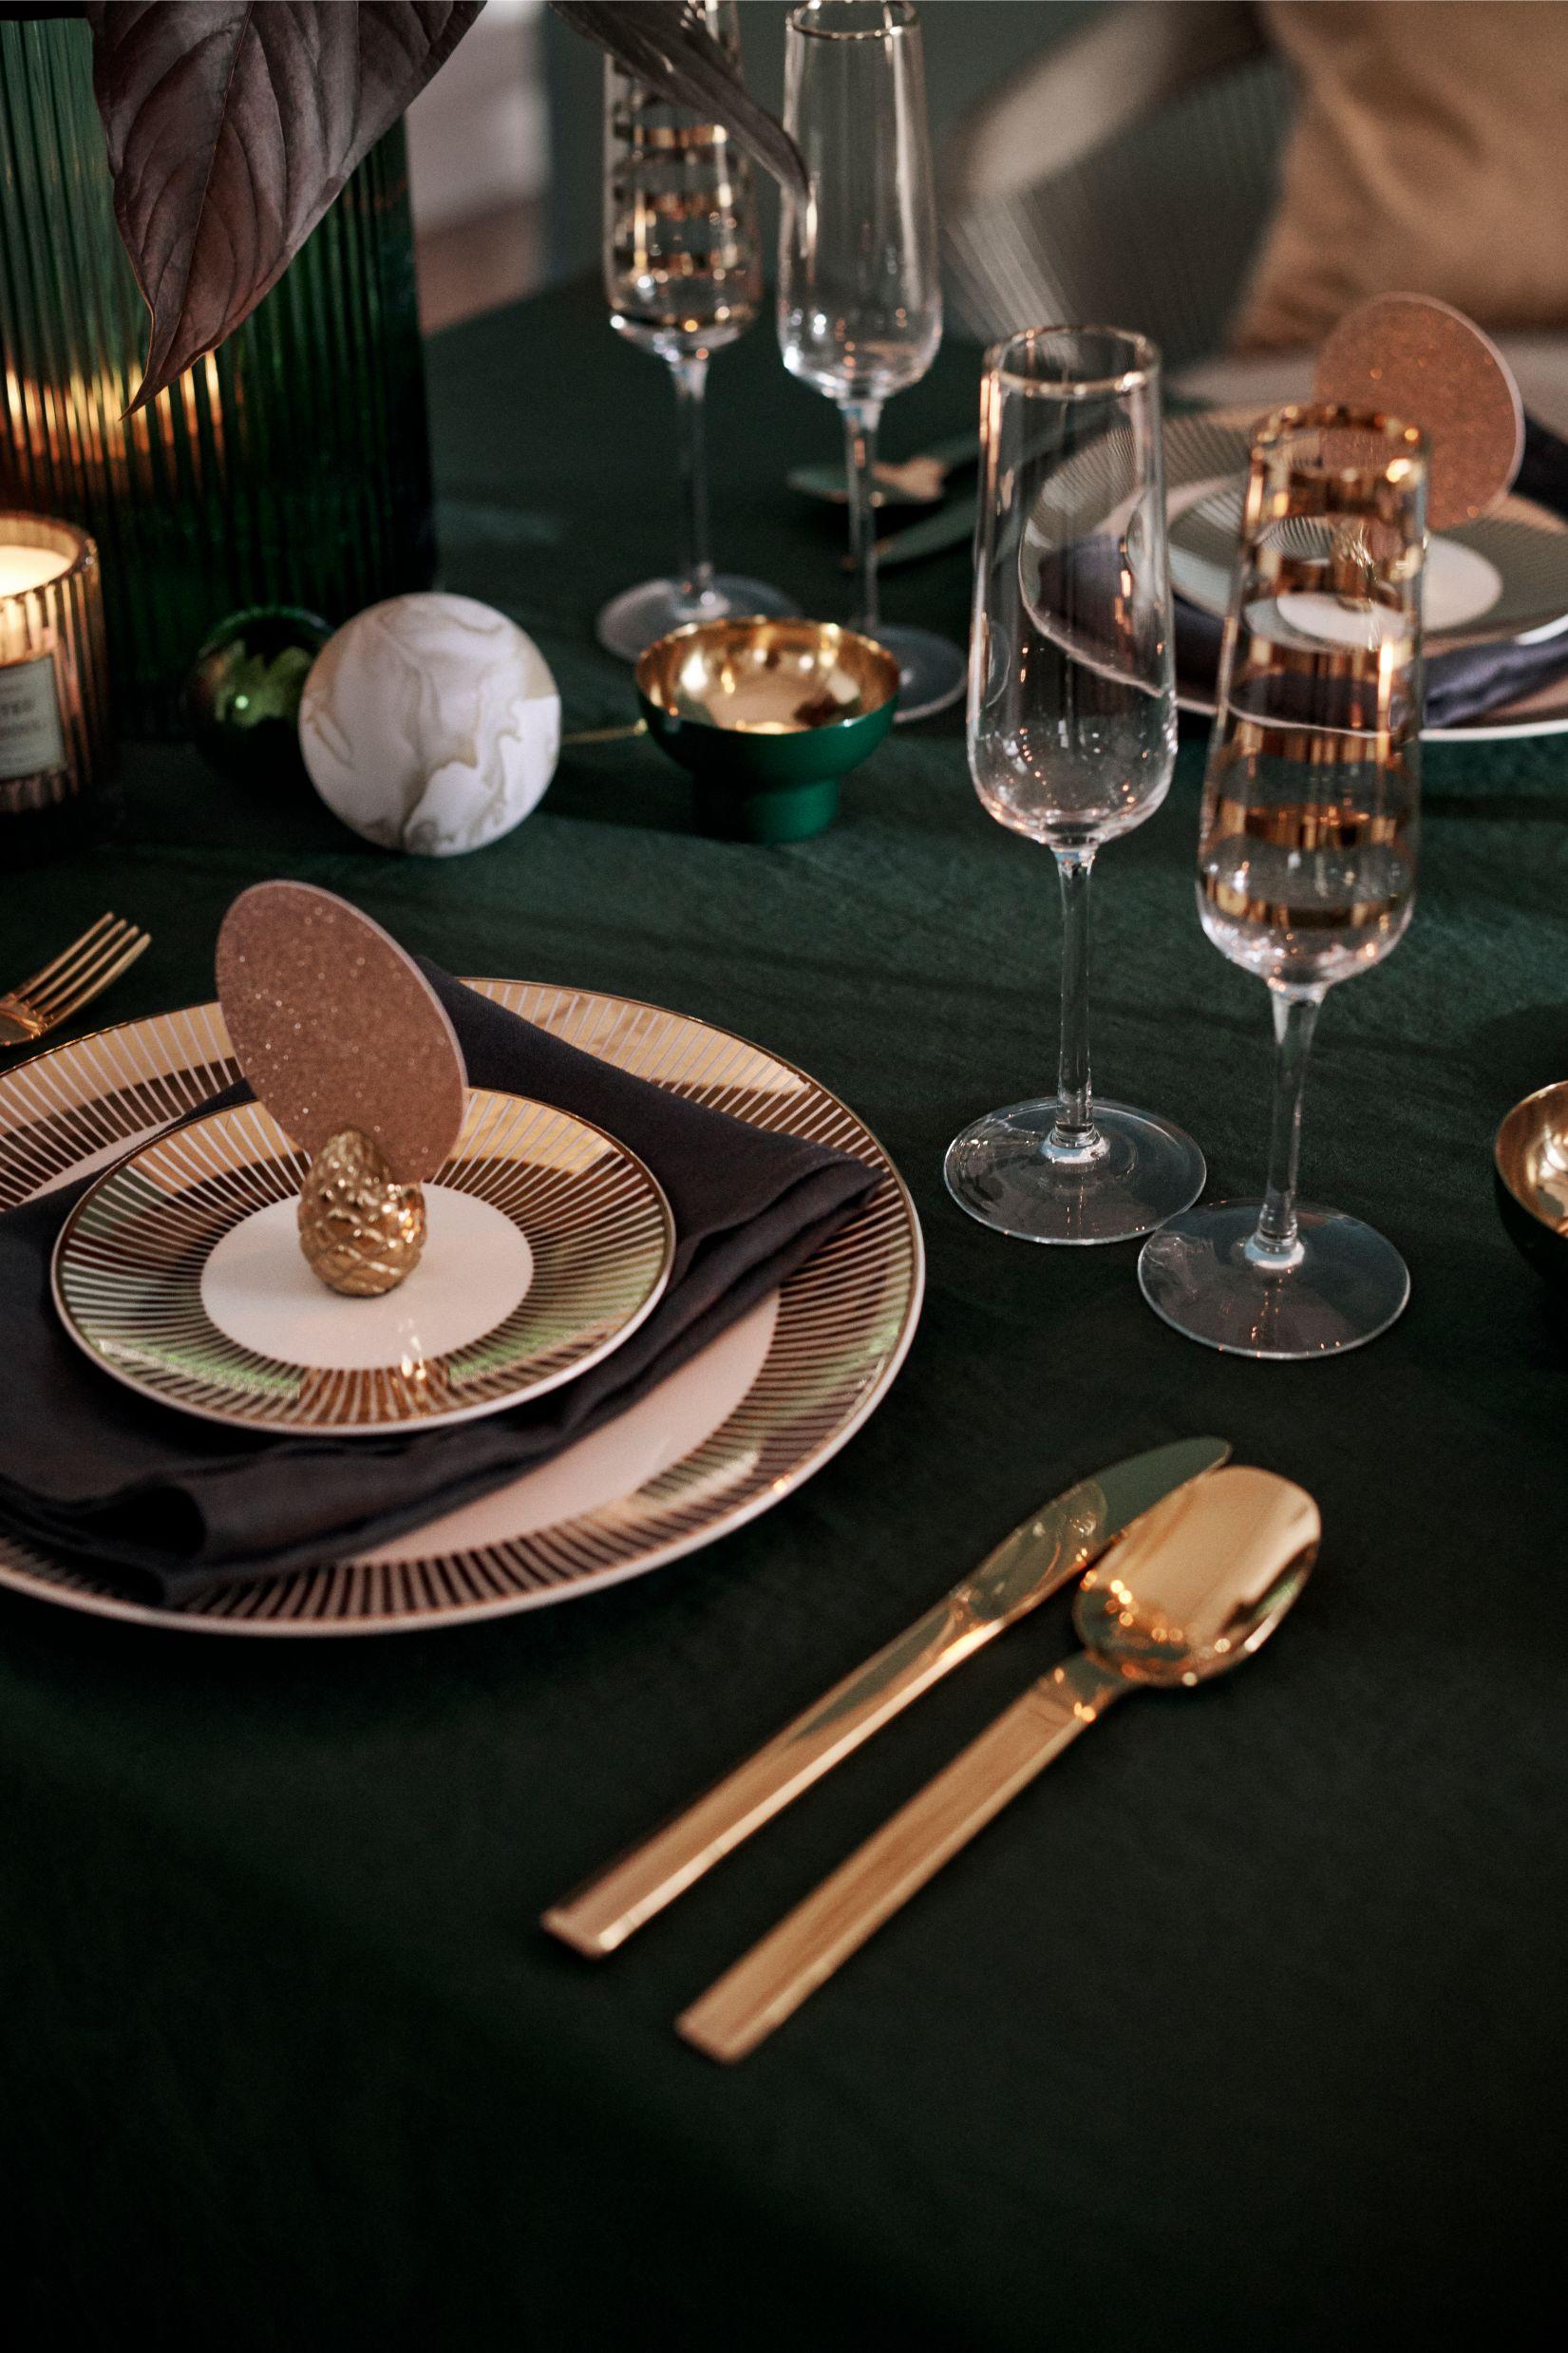 H&M Home kerstcollectie 2019